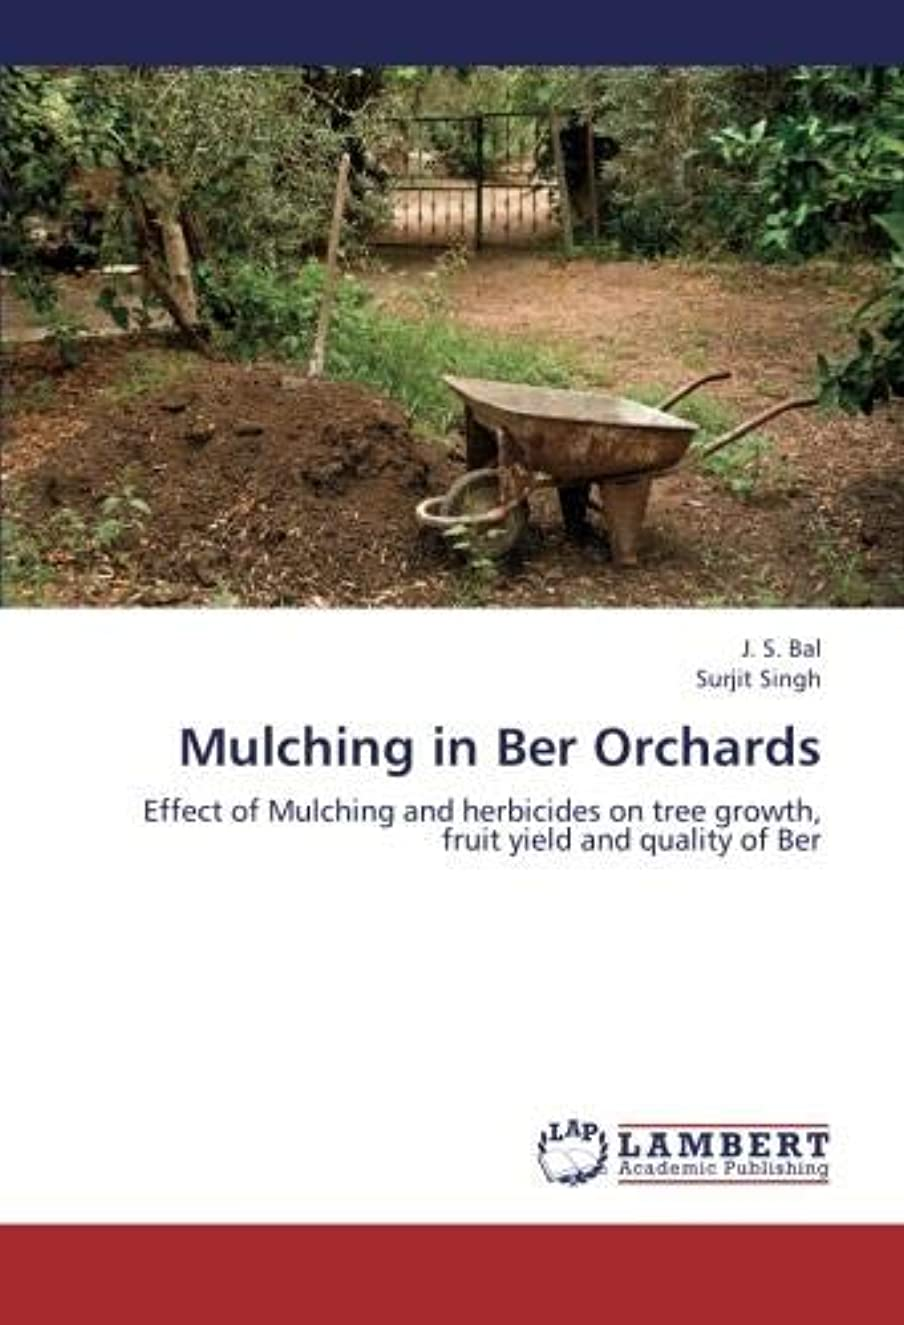 シンカン論理的に熟考するMulching in Ber Orchards